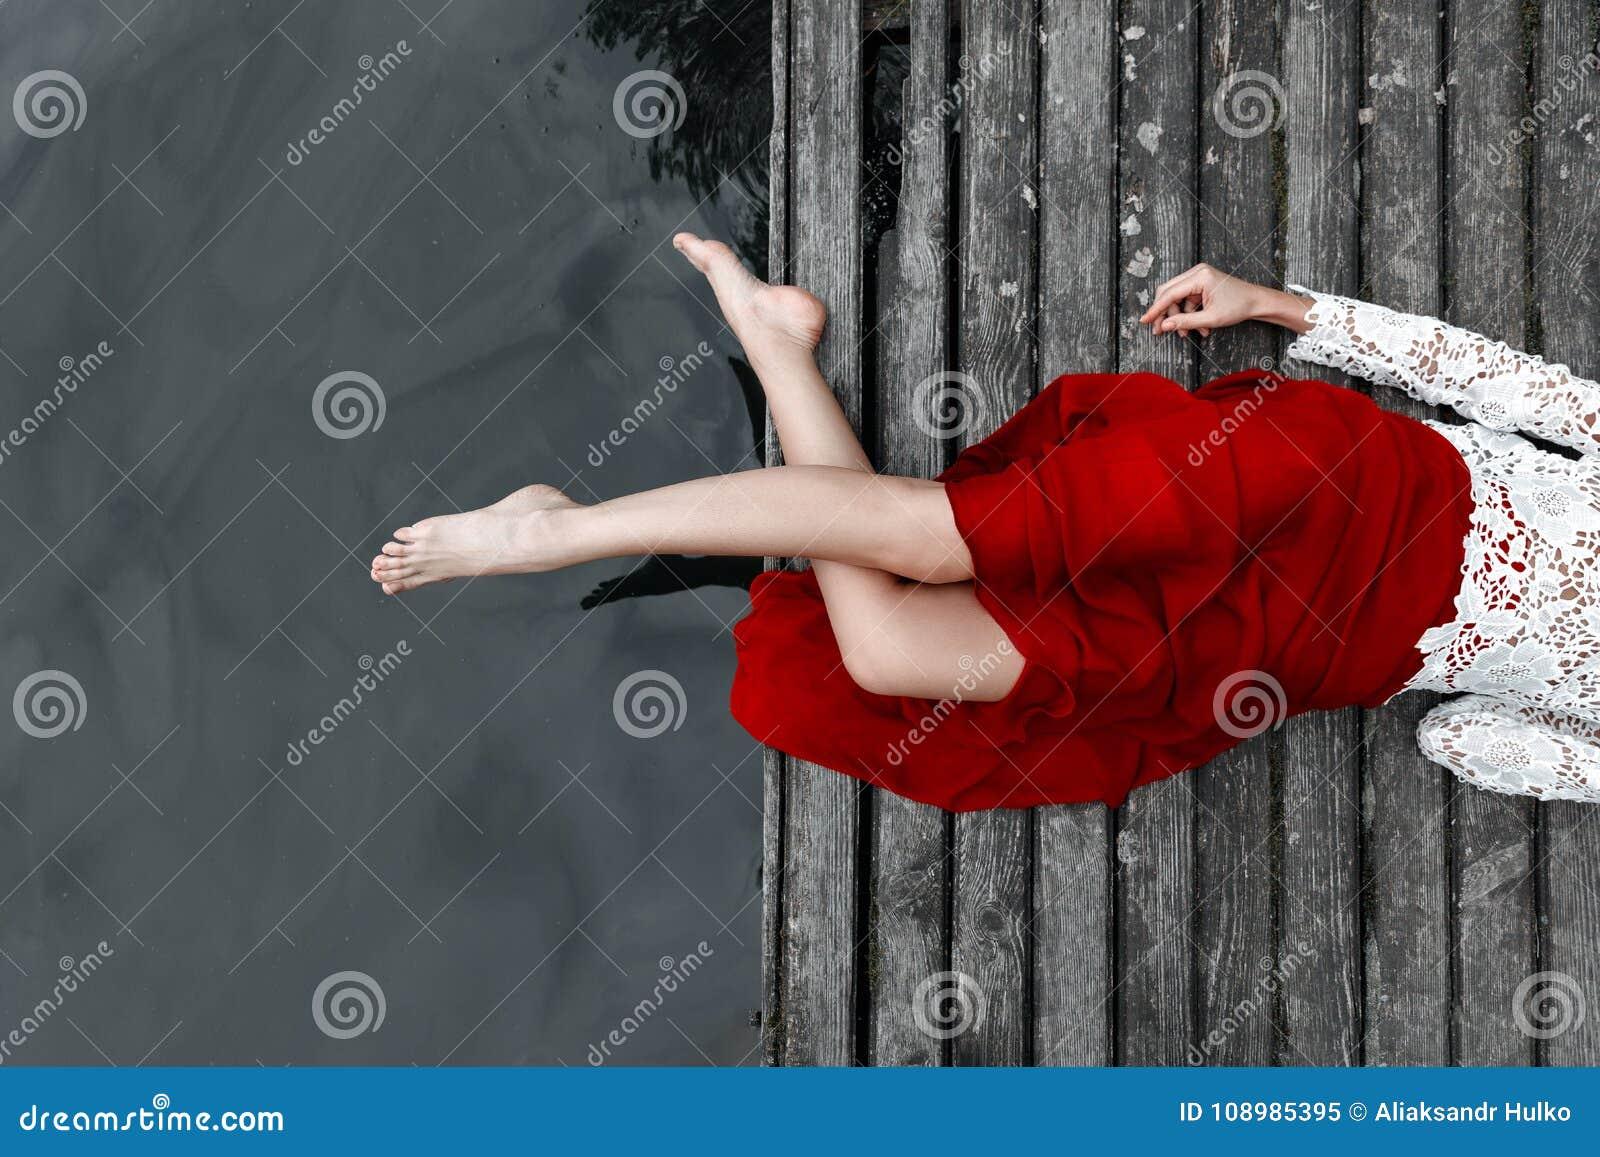 Pés de uma menina em uma saia vermelha em uma ponte